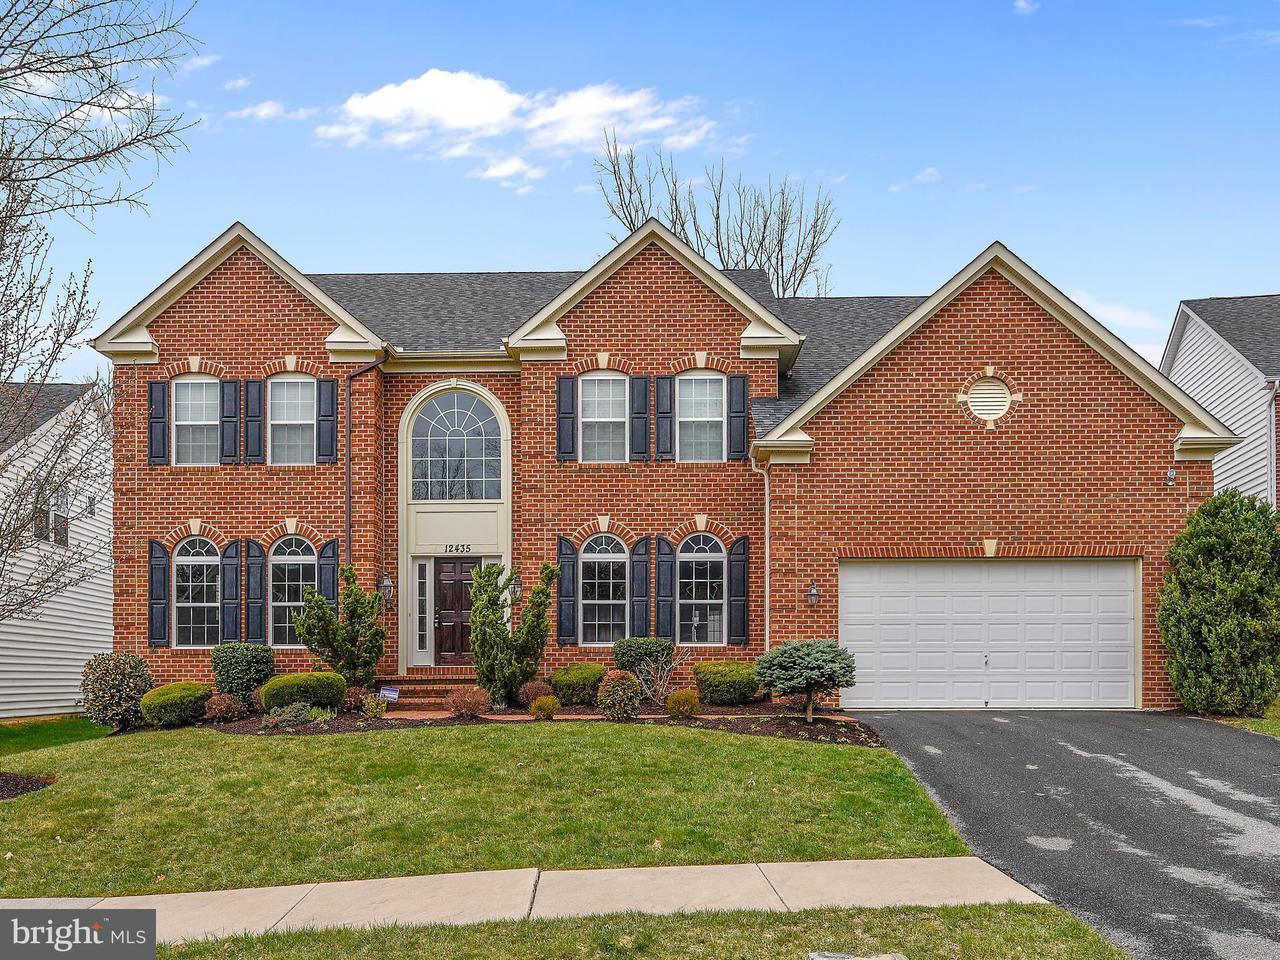 Einfamilienhaus für Verkauf beim 12435 Foreman Blvd 12435 Foreman Blvd Clarksburg, Maryland 20871 Vereinigte Staaten